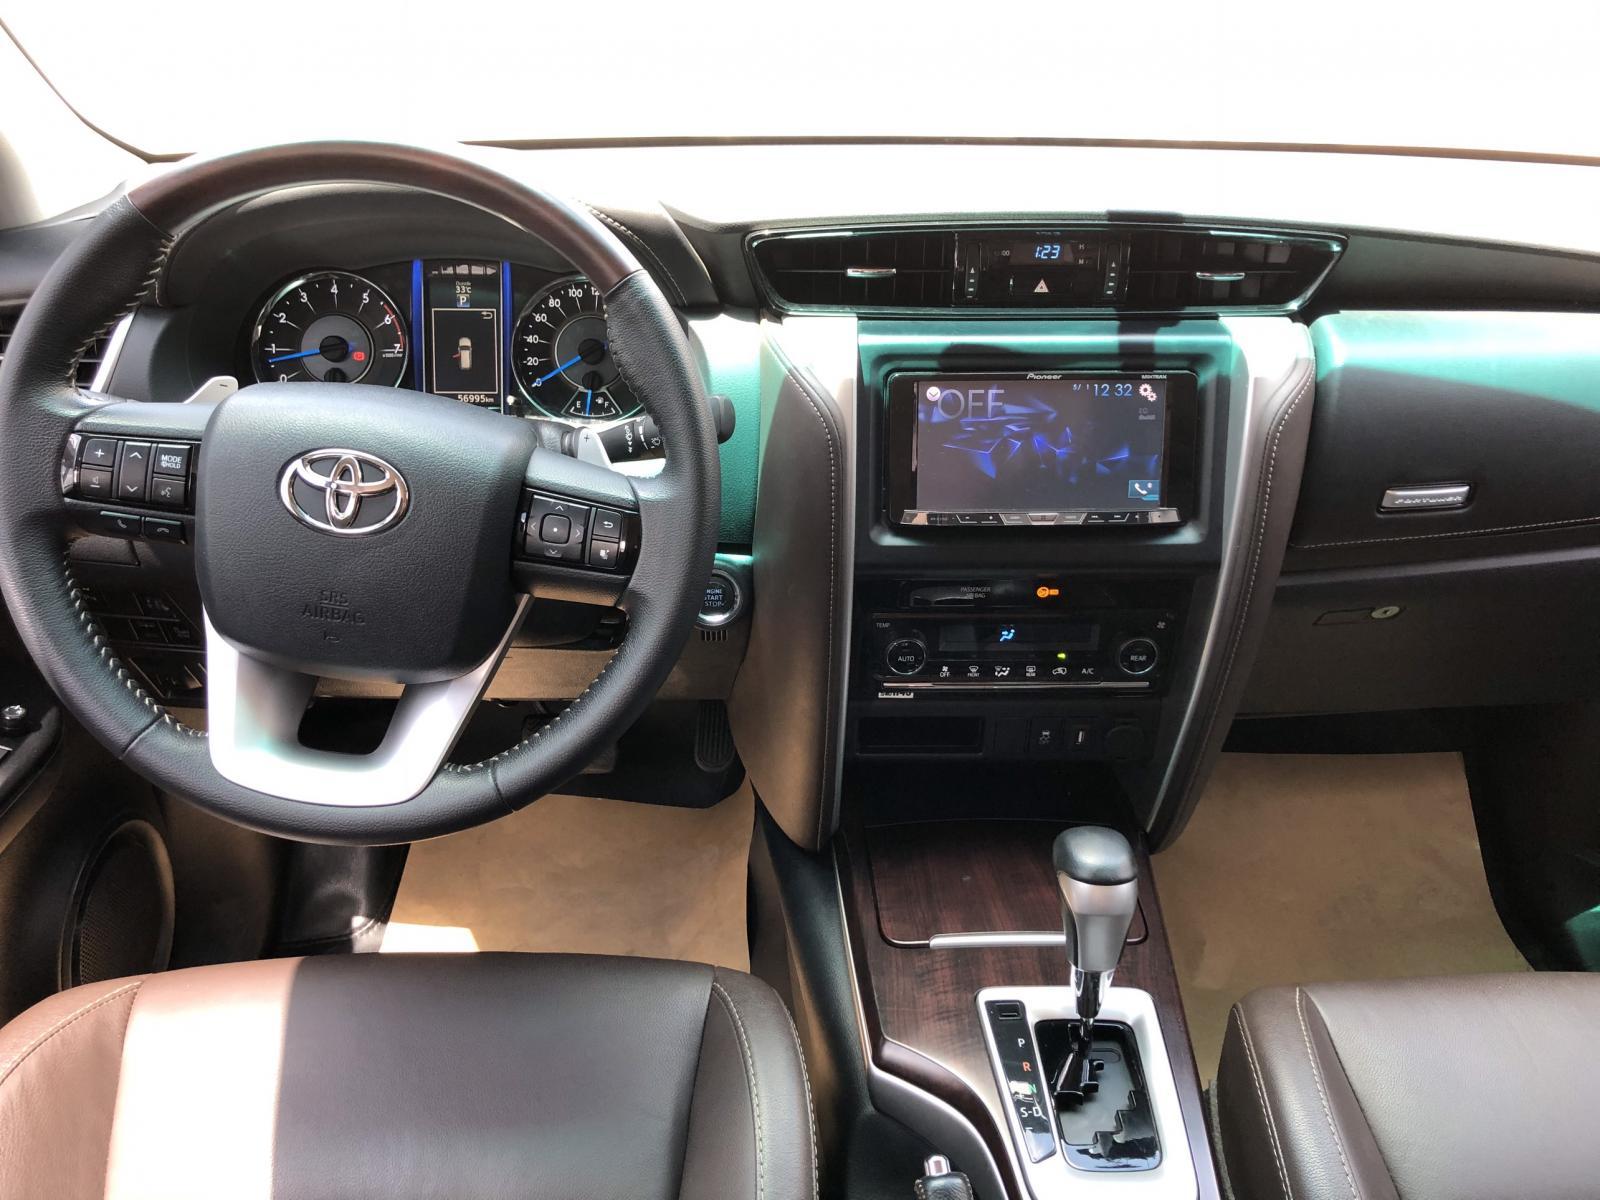 Bán xe Fortuner thần thánh 2017 nhập khẩu, giá 990 tr còn giảm tiếp